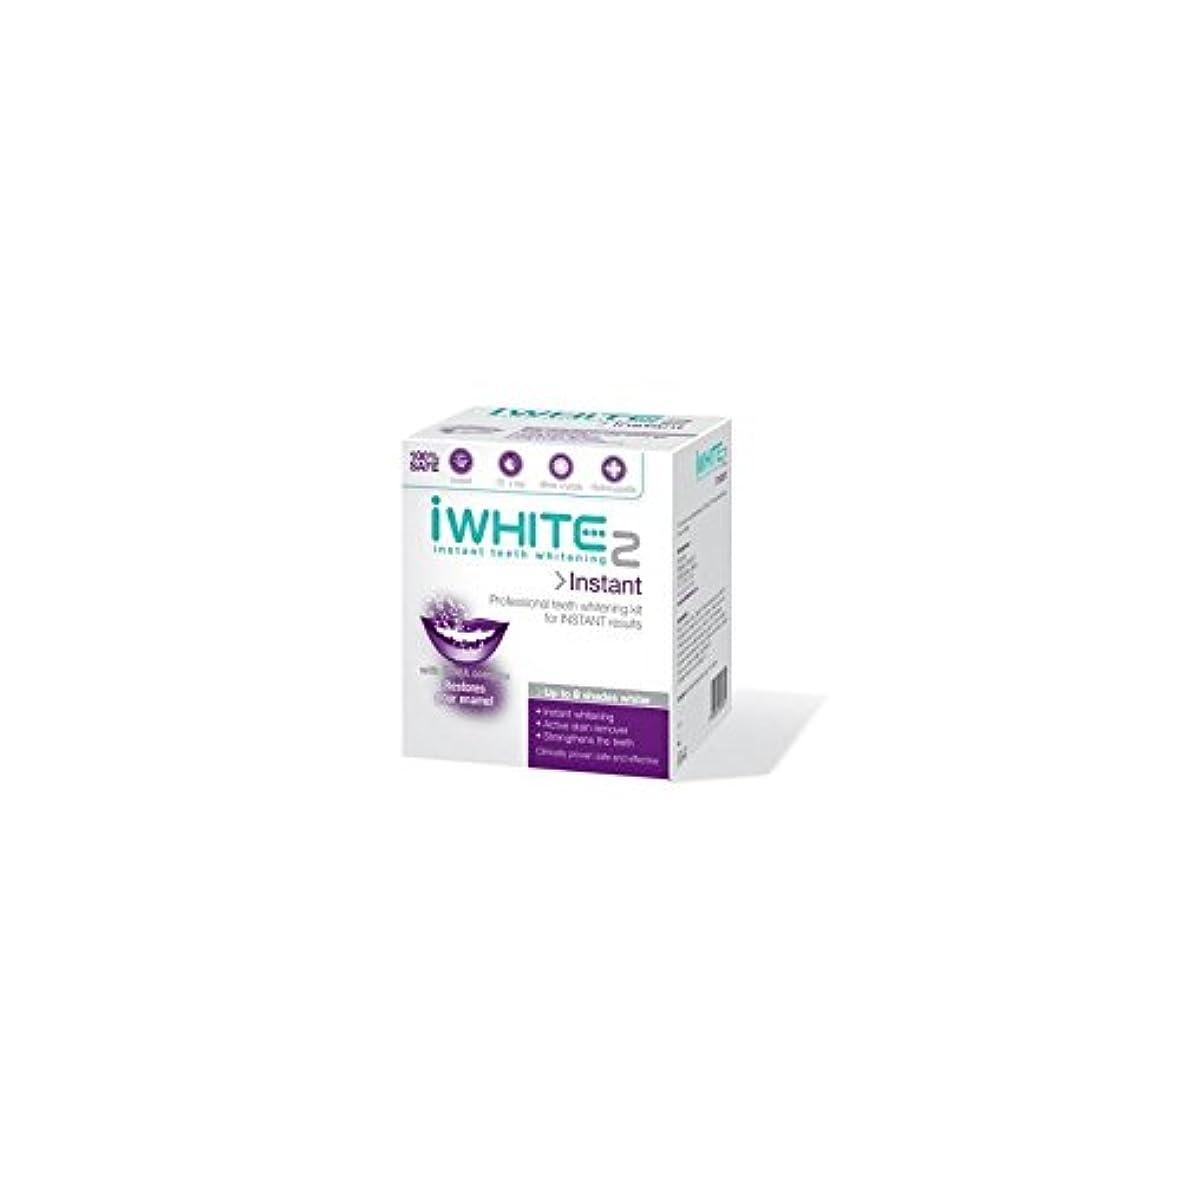 明日有限アグネスグレイインスタントキットを白く2本のプロ歯(10トレイ) x2 - iWhite Instant 2 Professional Teeth Whitening Kit (10 Trays) (Pack of 2) [並行輸入品]